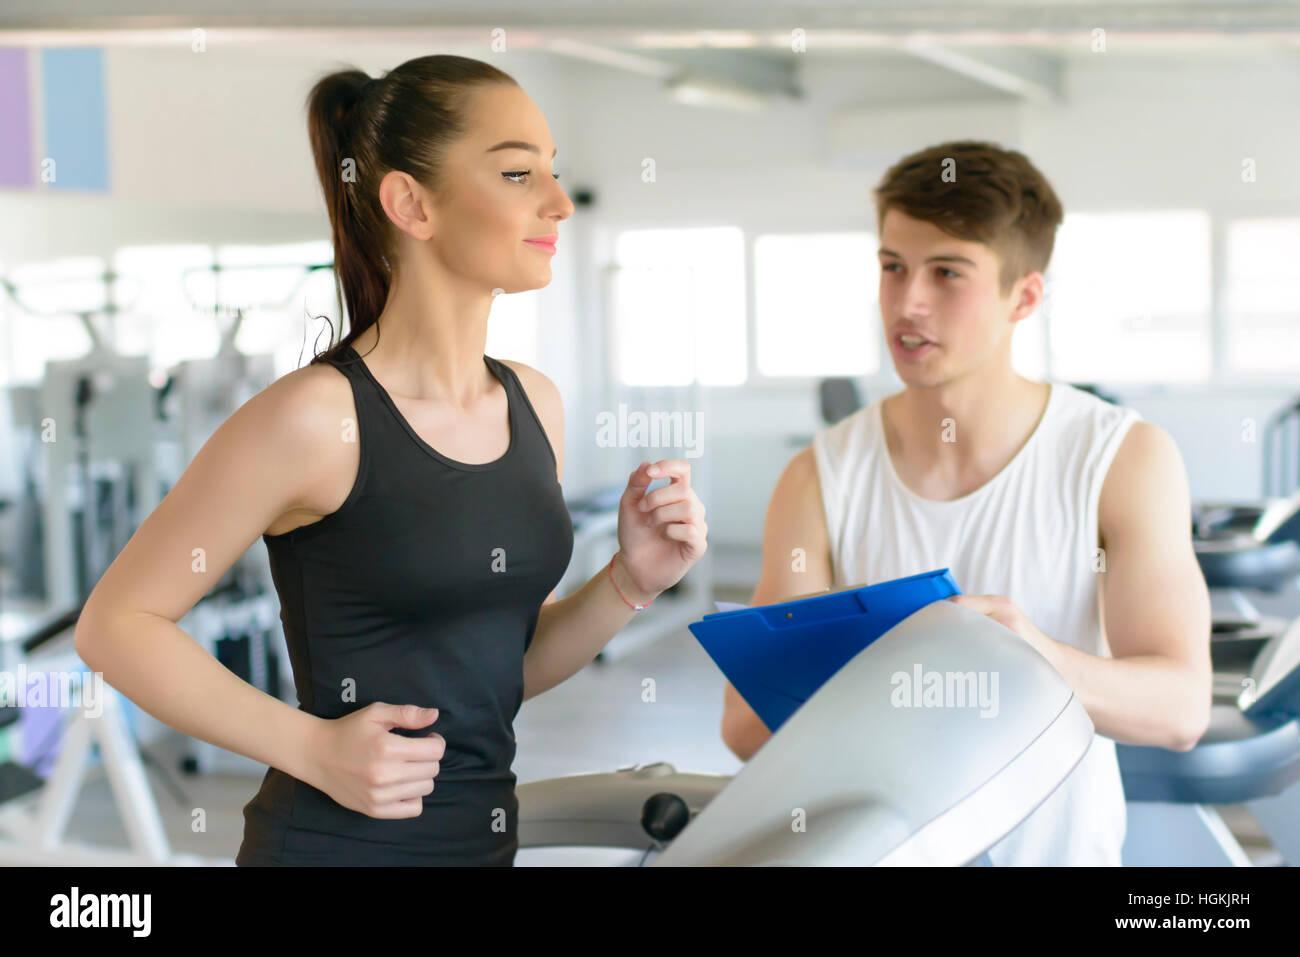 Mujer corriendo en cinta en el gimnasio y ser atendido por personal trainer Imagen De Stock